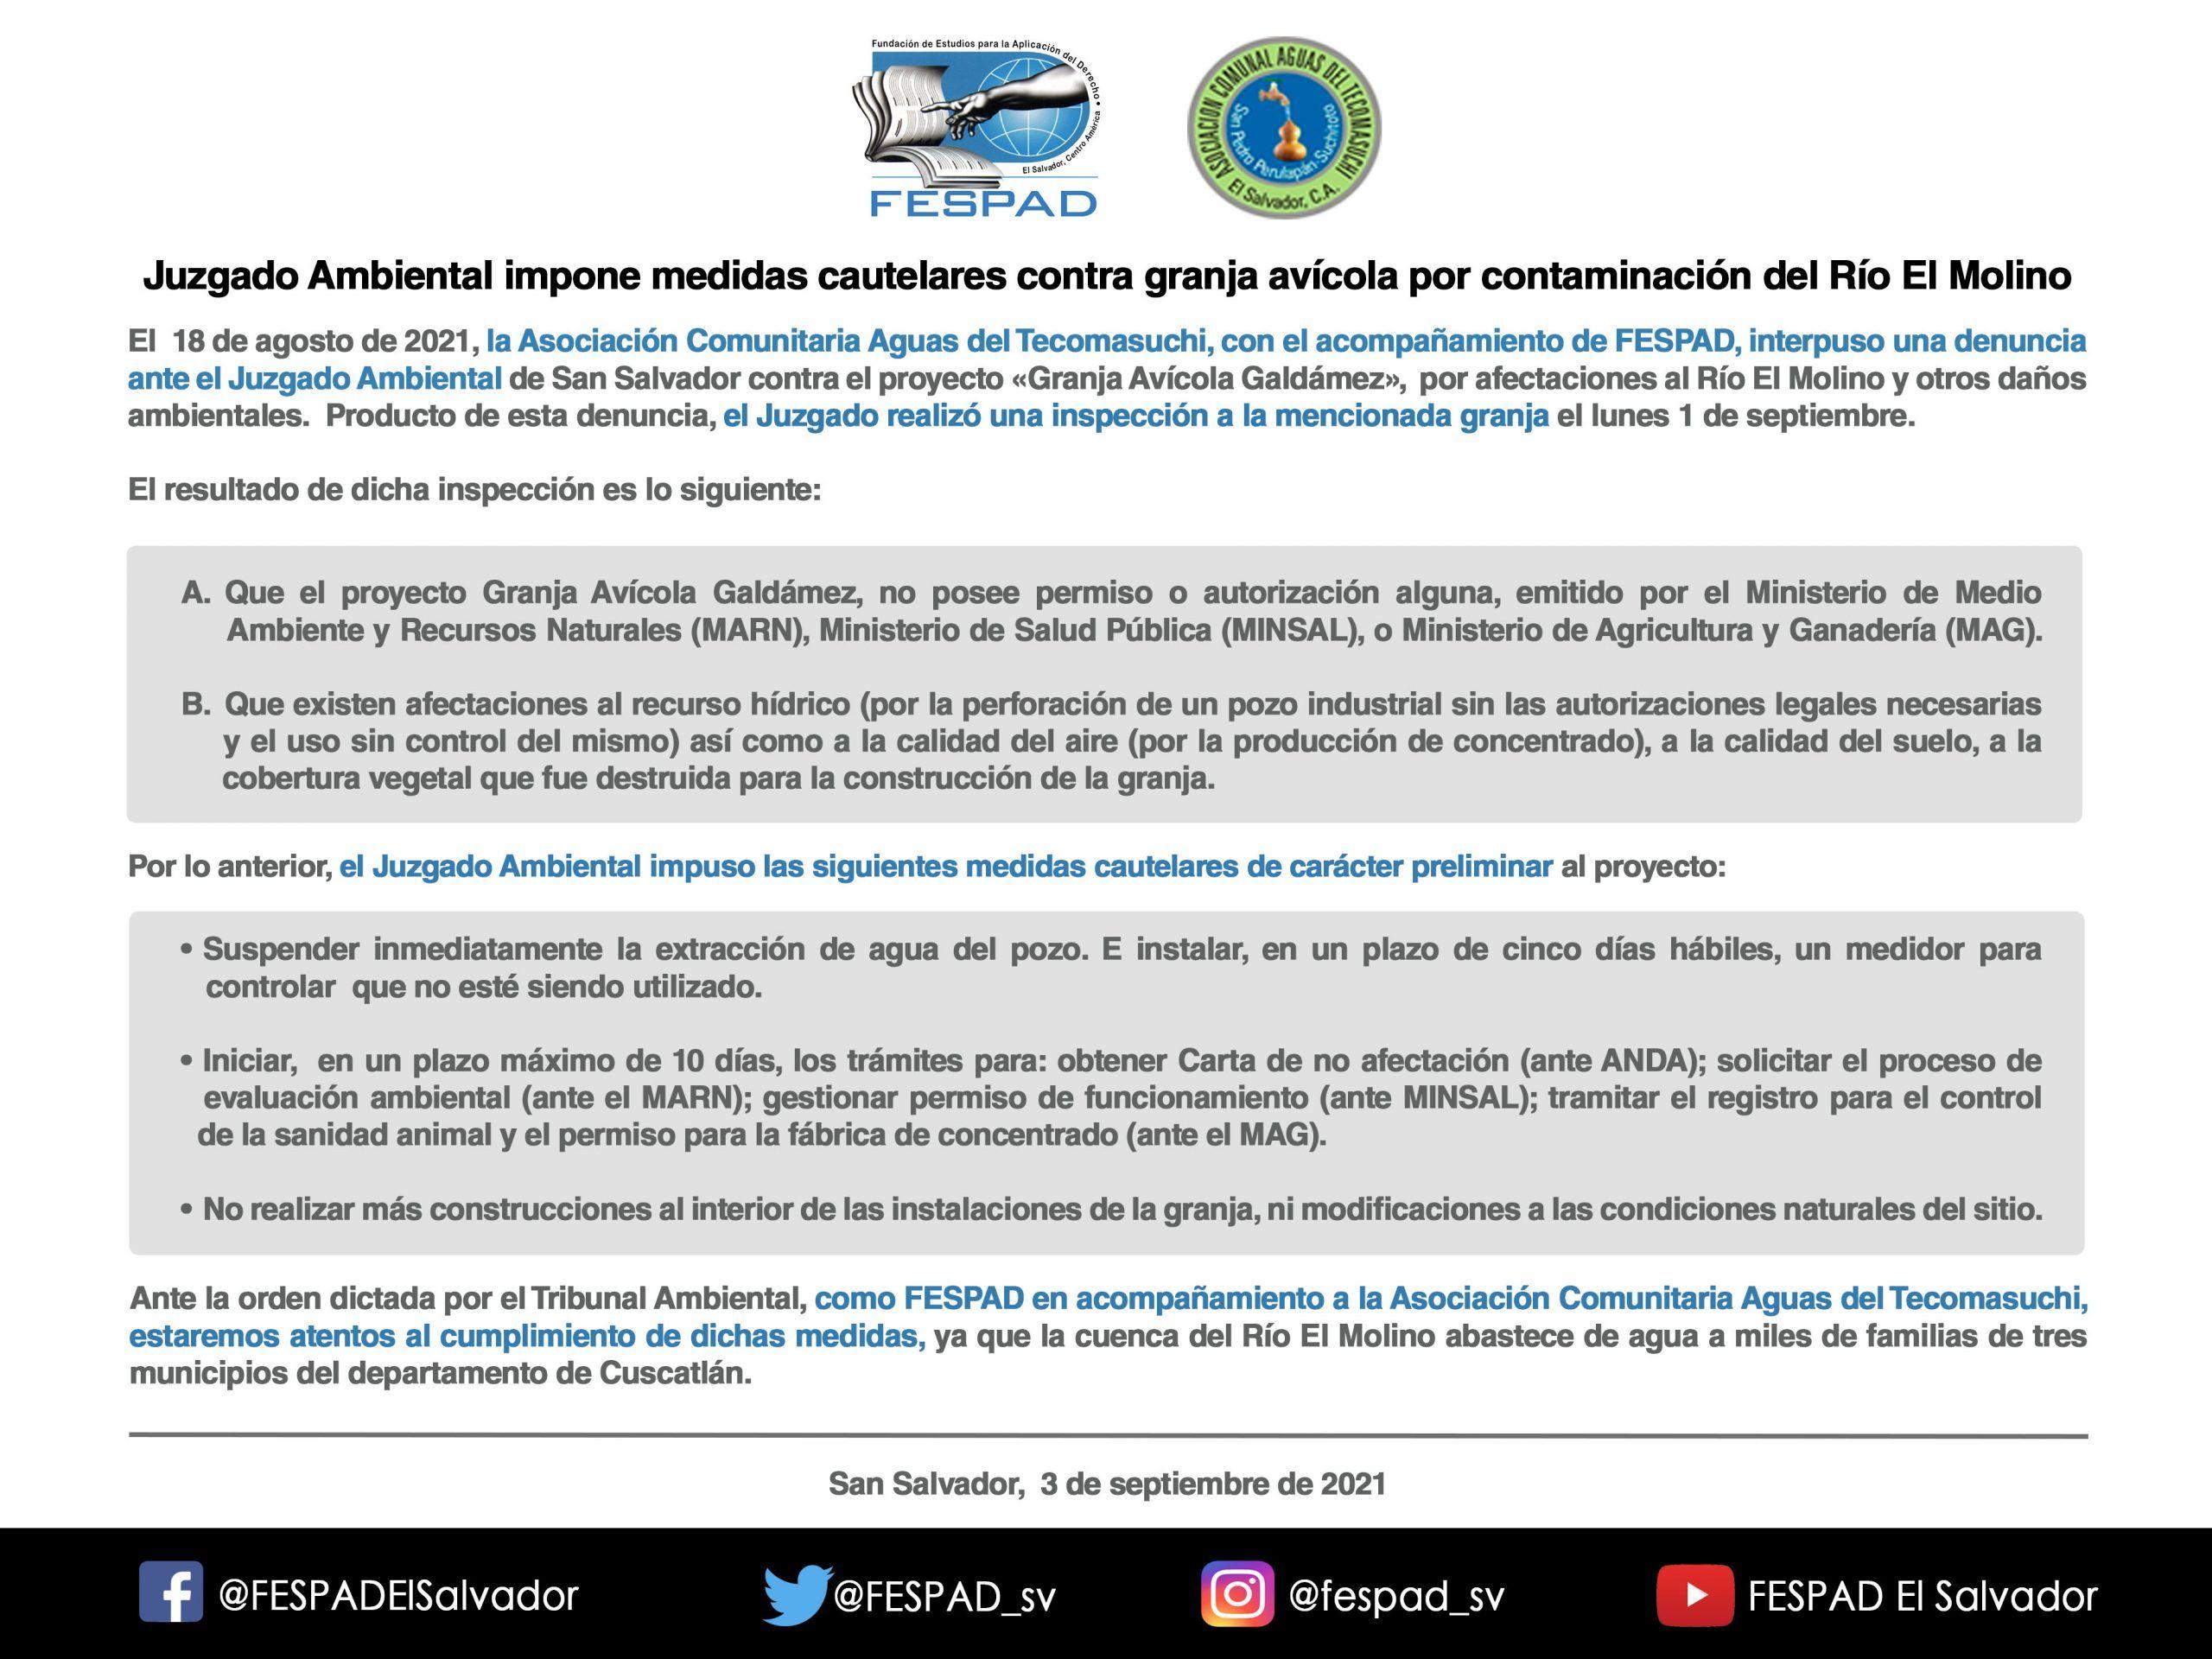 Juzgado Ambiental impone medidas cautelares contra granja avícola por contaminación del Río El Molino